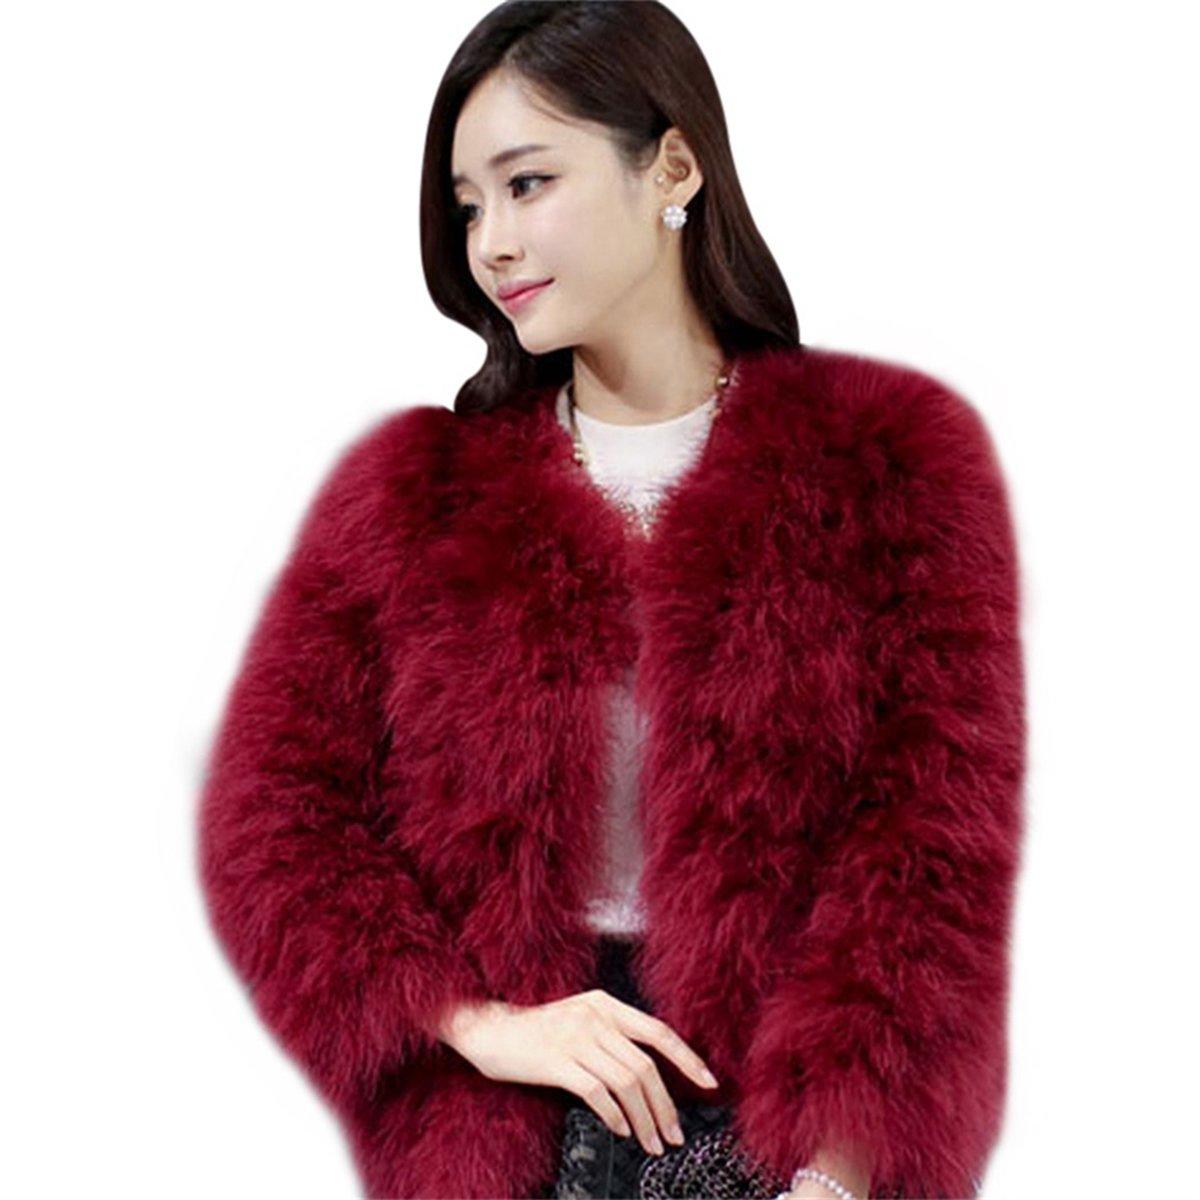 FUNOC Women's Winter Short Faux Coat Fluffy Outerwear Jacket Warm Overcoat